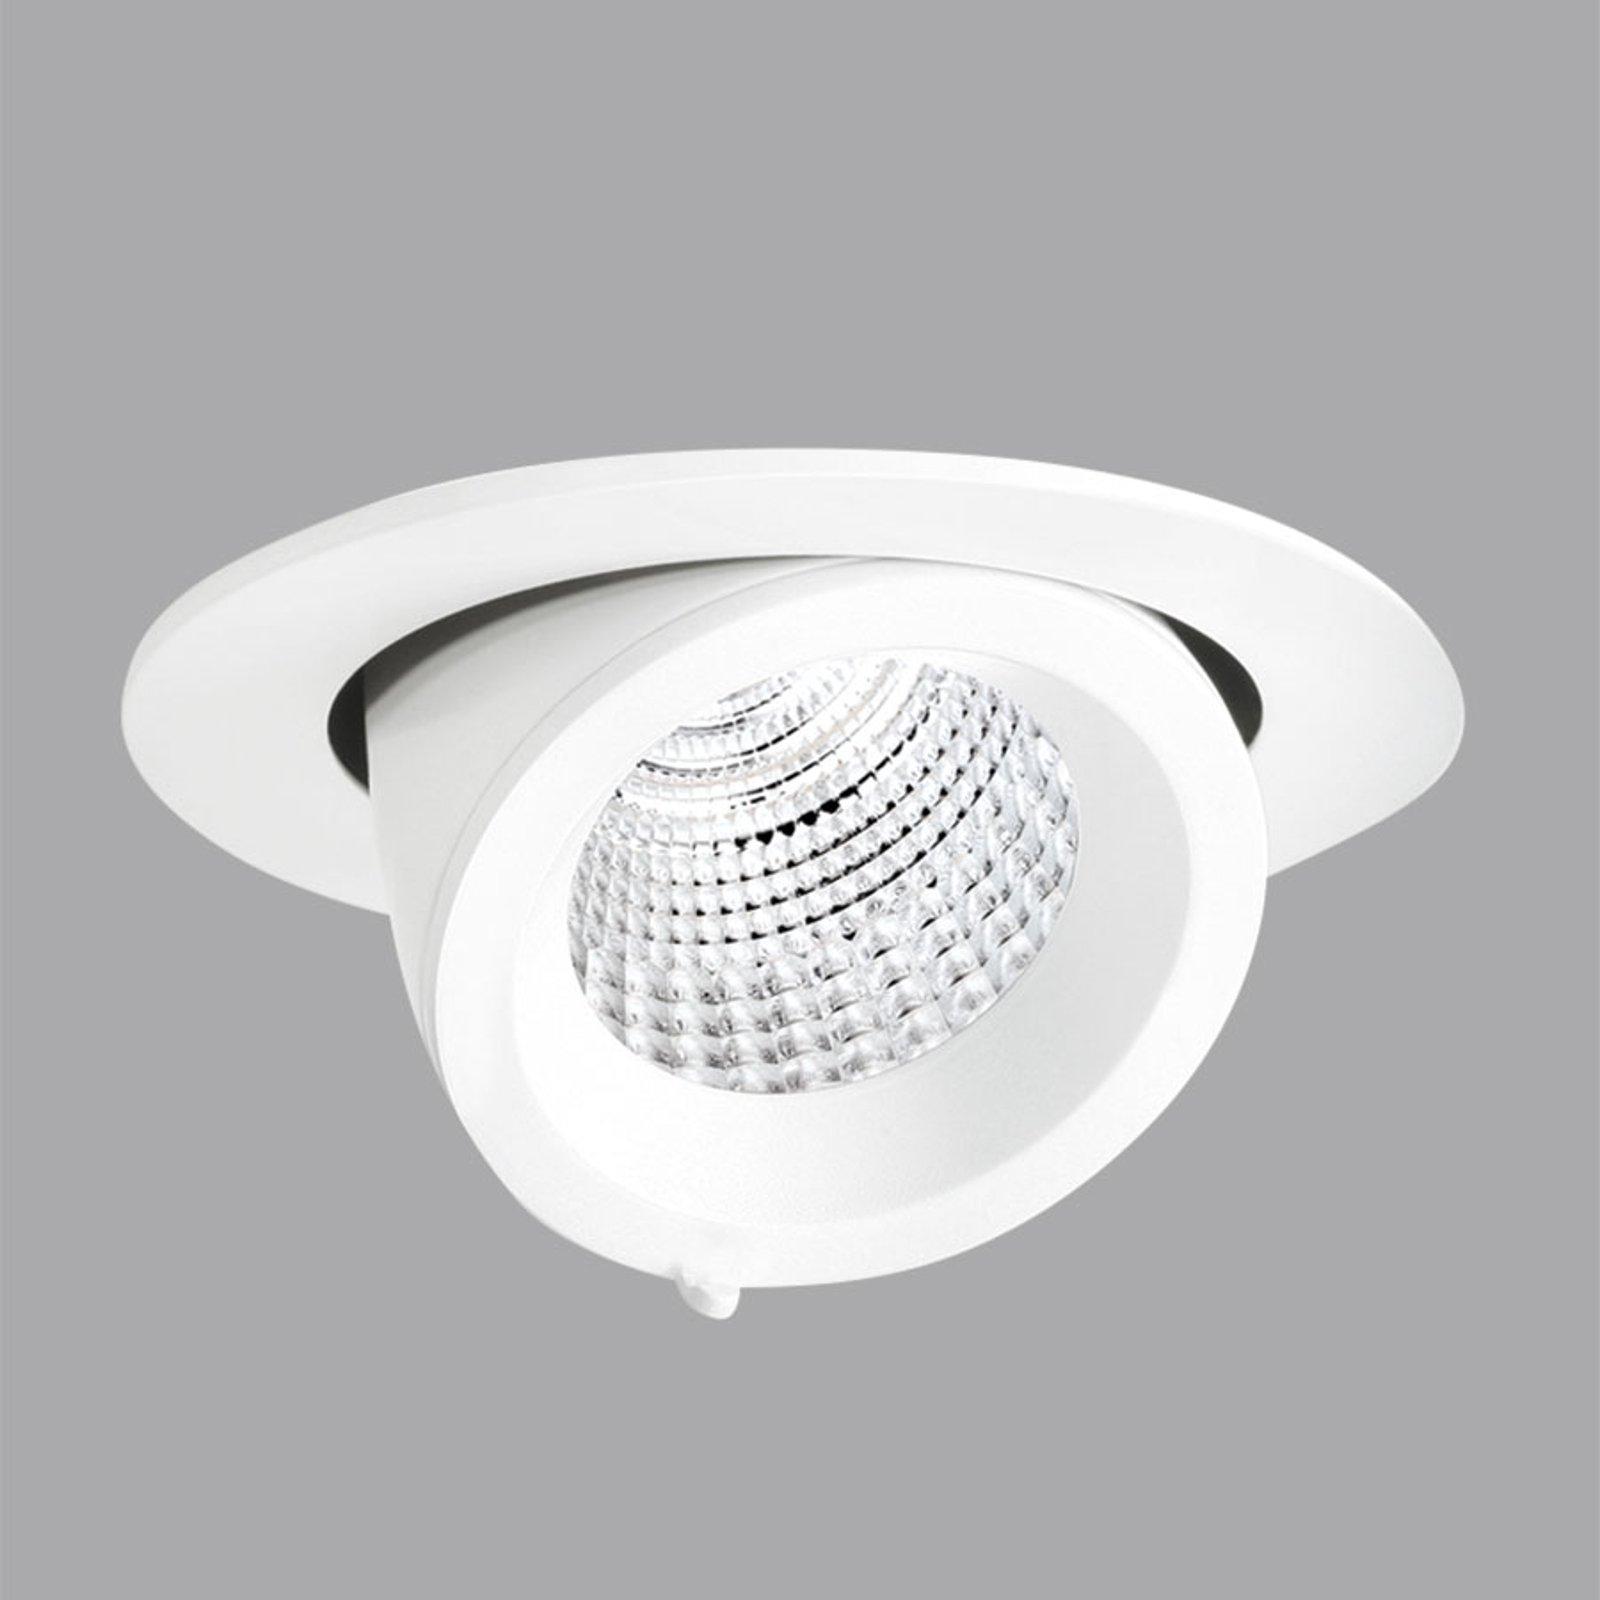 EB431 LED-downlight flood reflektor hvit uh